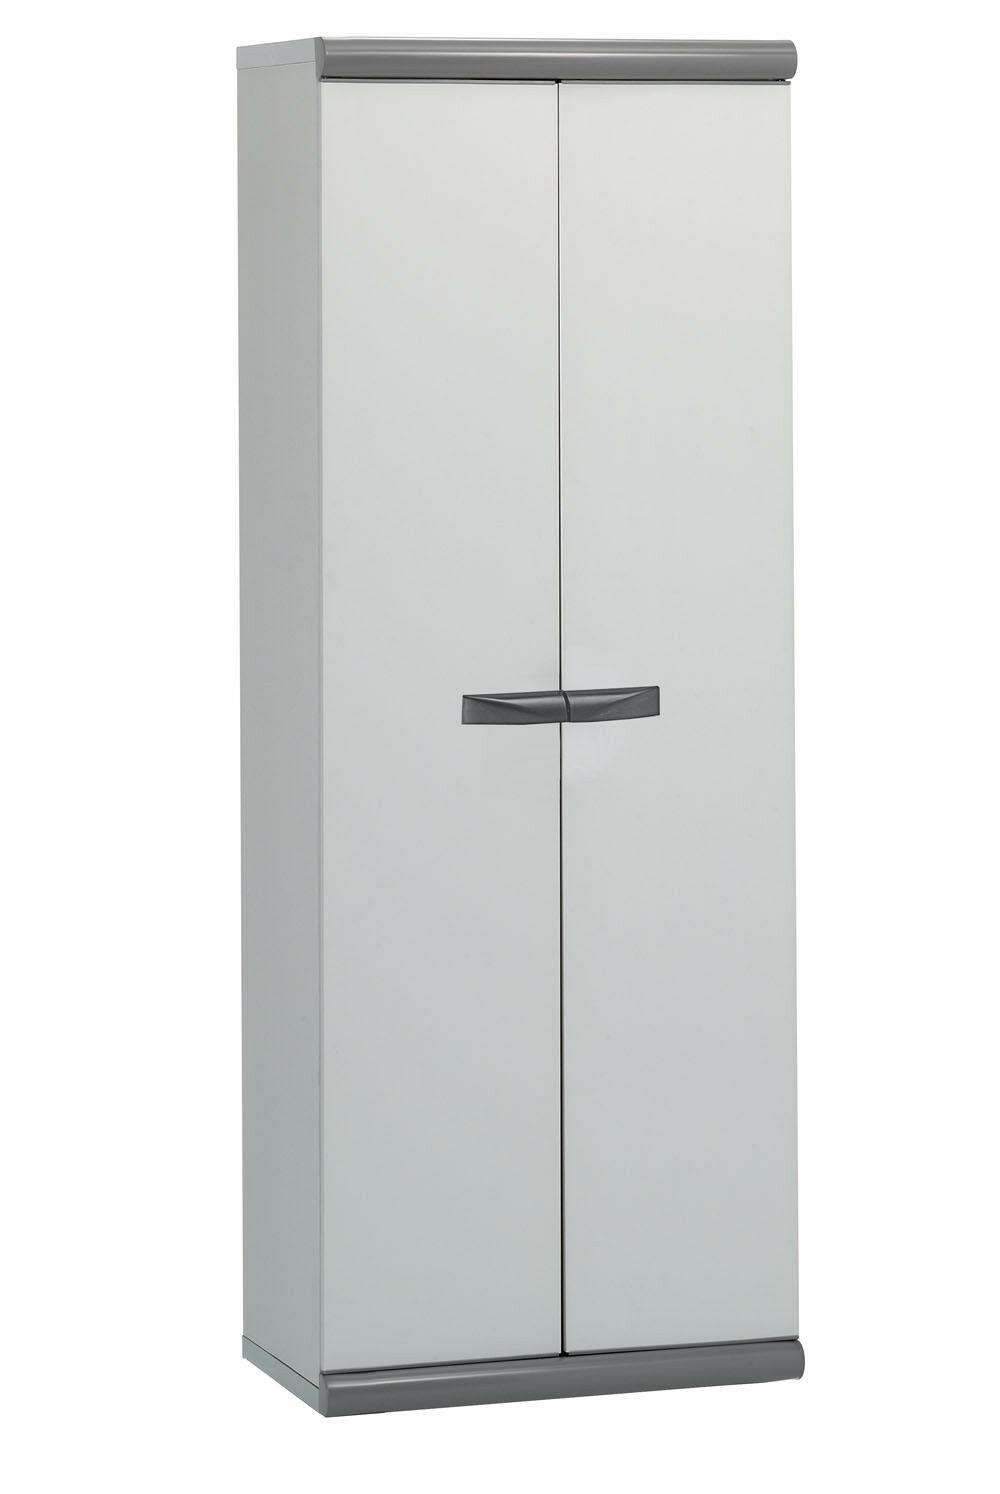 Armadio In Plastica Porta Scope.Armadio Scik Basic H 170 Porta Scope Armadio Scik Basic H 170 Porta